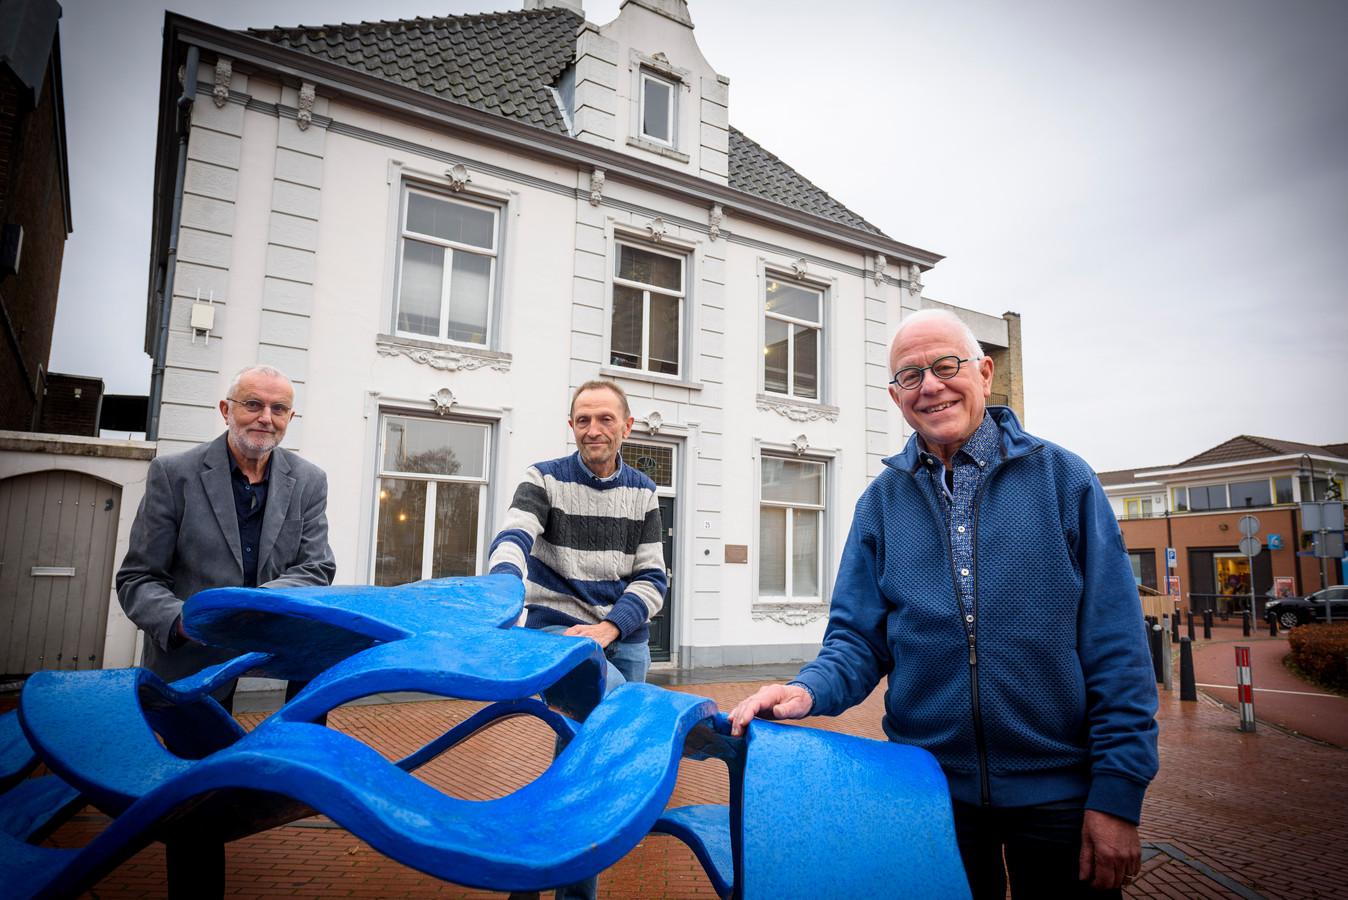 Dick Zweers, Louis Schats en Rudy Snel (v.l.n.r.) voor het notarishuis aan de Dorpstraat in Veldhoven. Dat pand blijkt ouder dan gedacht en wellicht het oudste van Veldhoven.